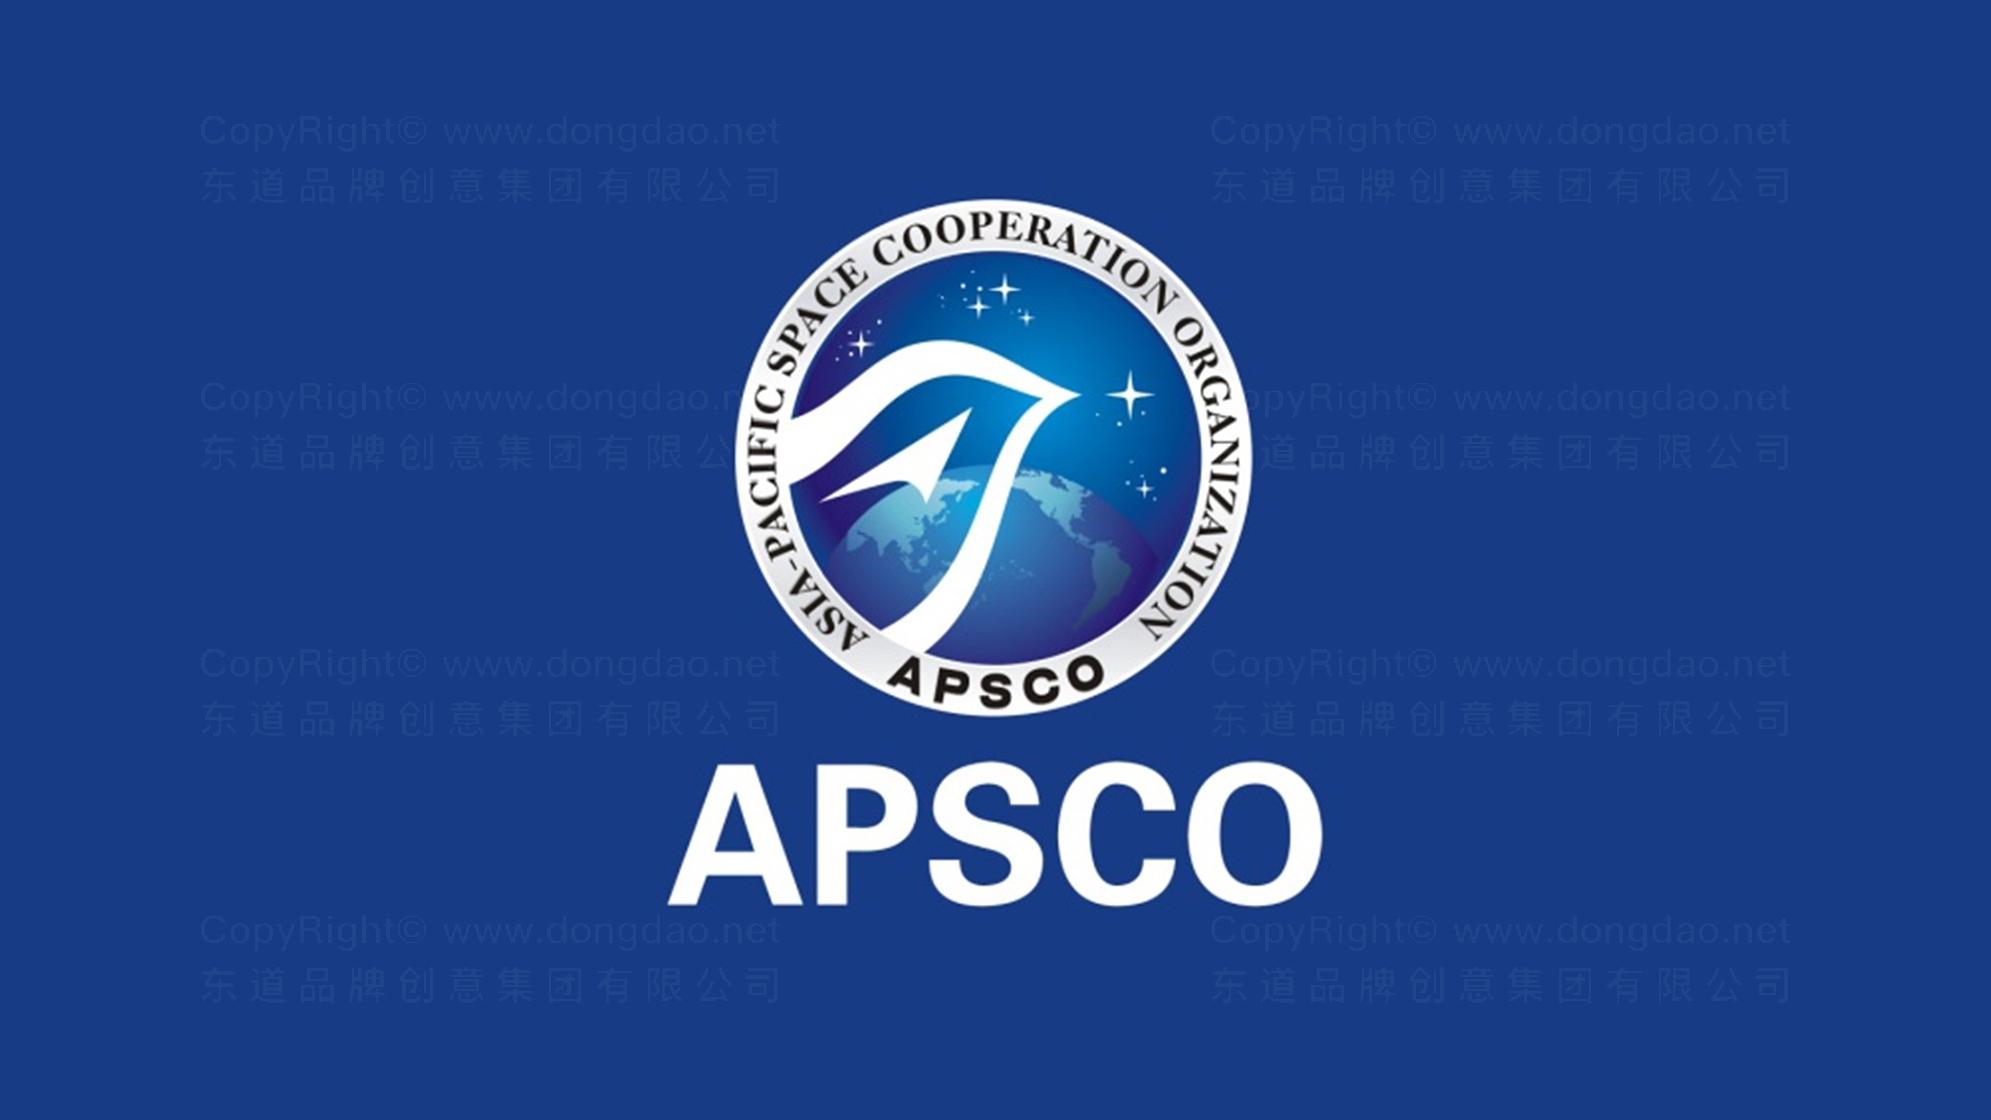 政府组织品牌设计亚太空间合作组织LOGO&VI设计